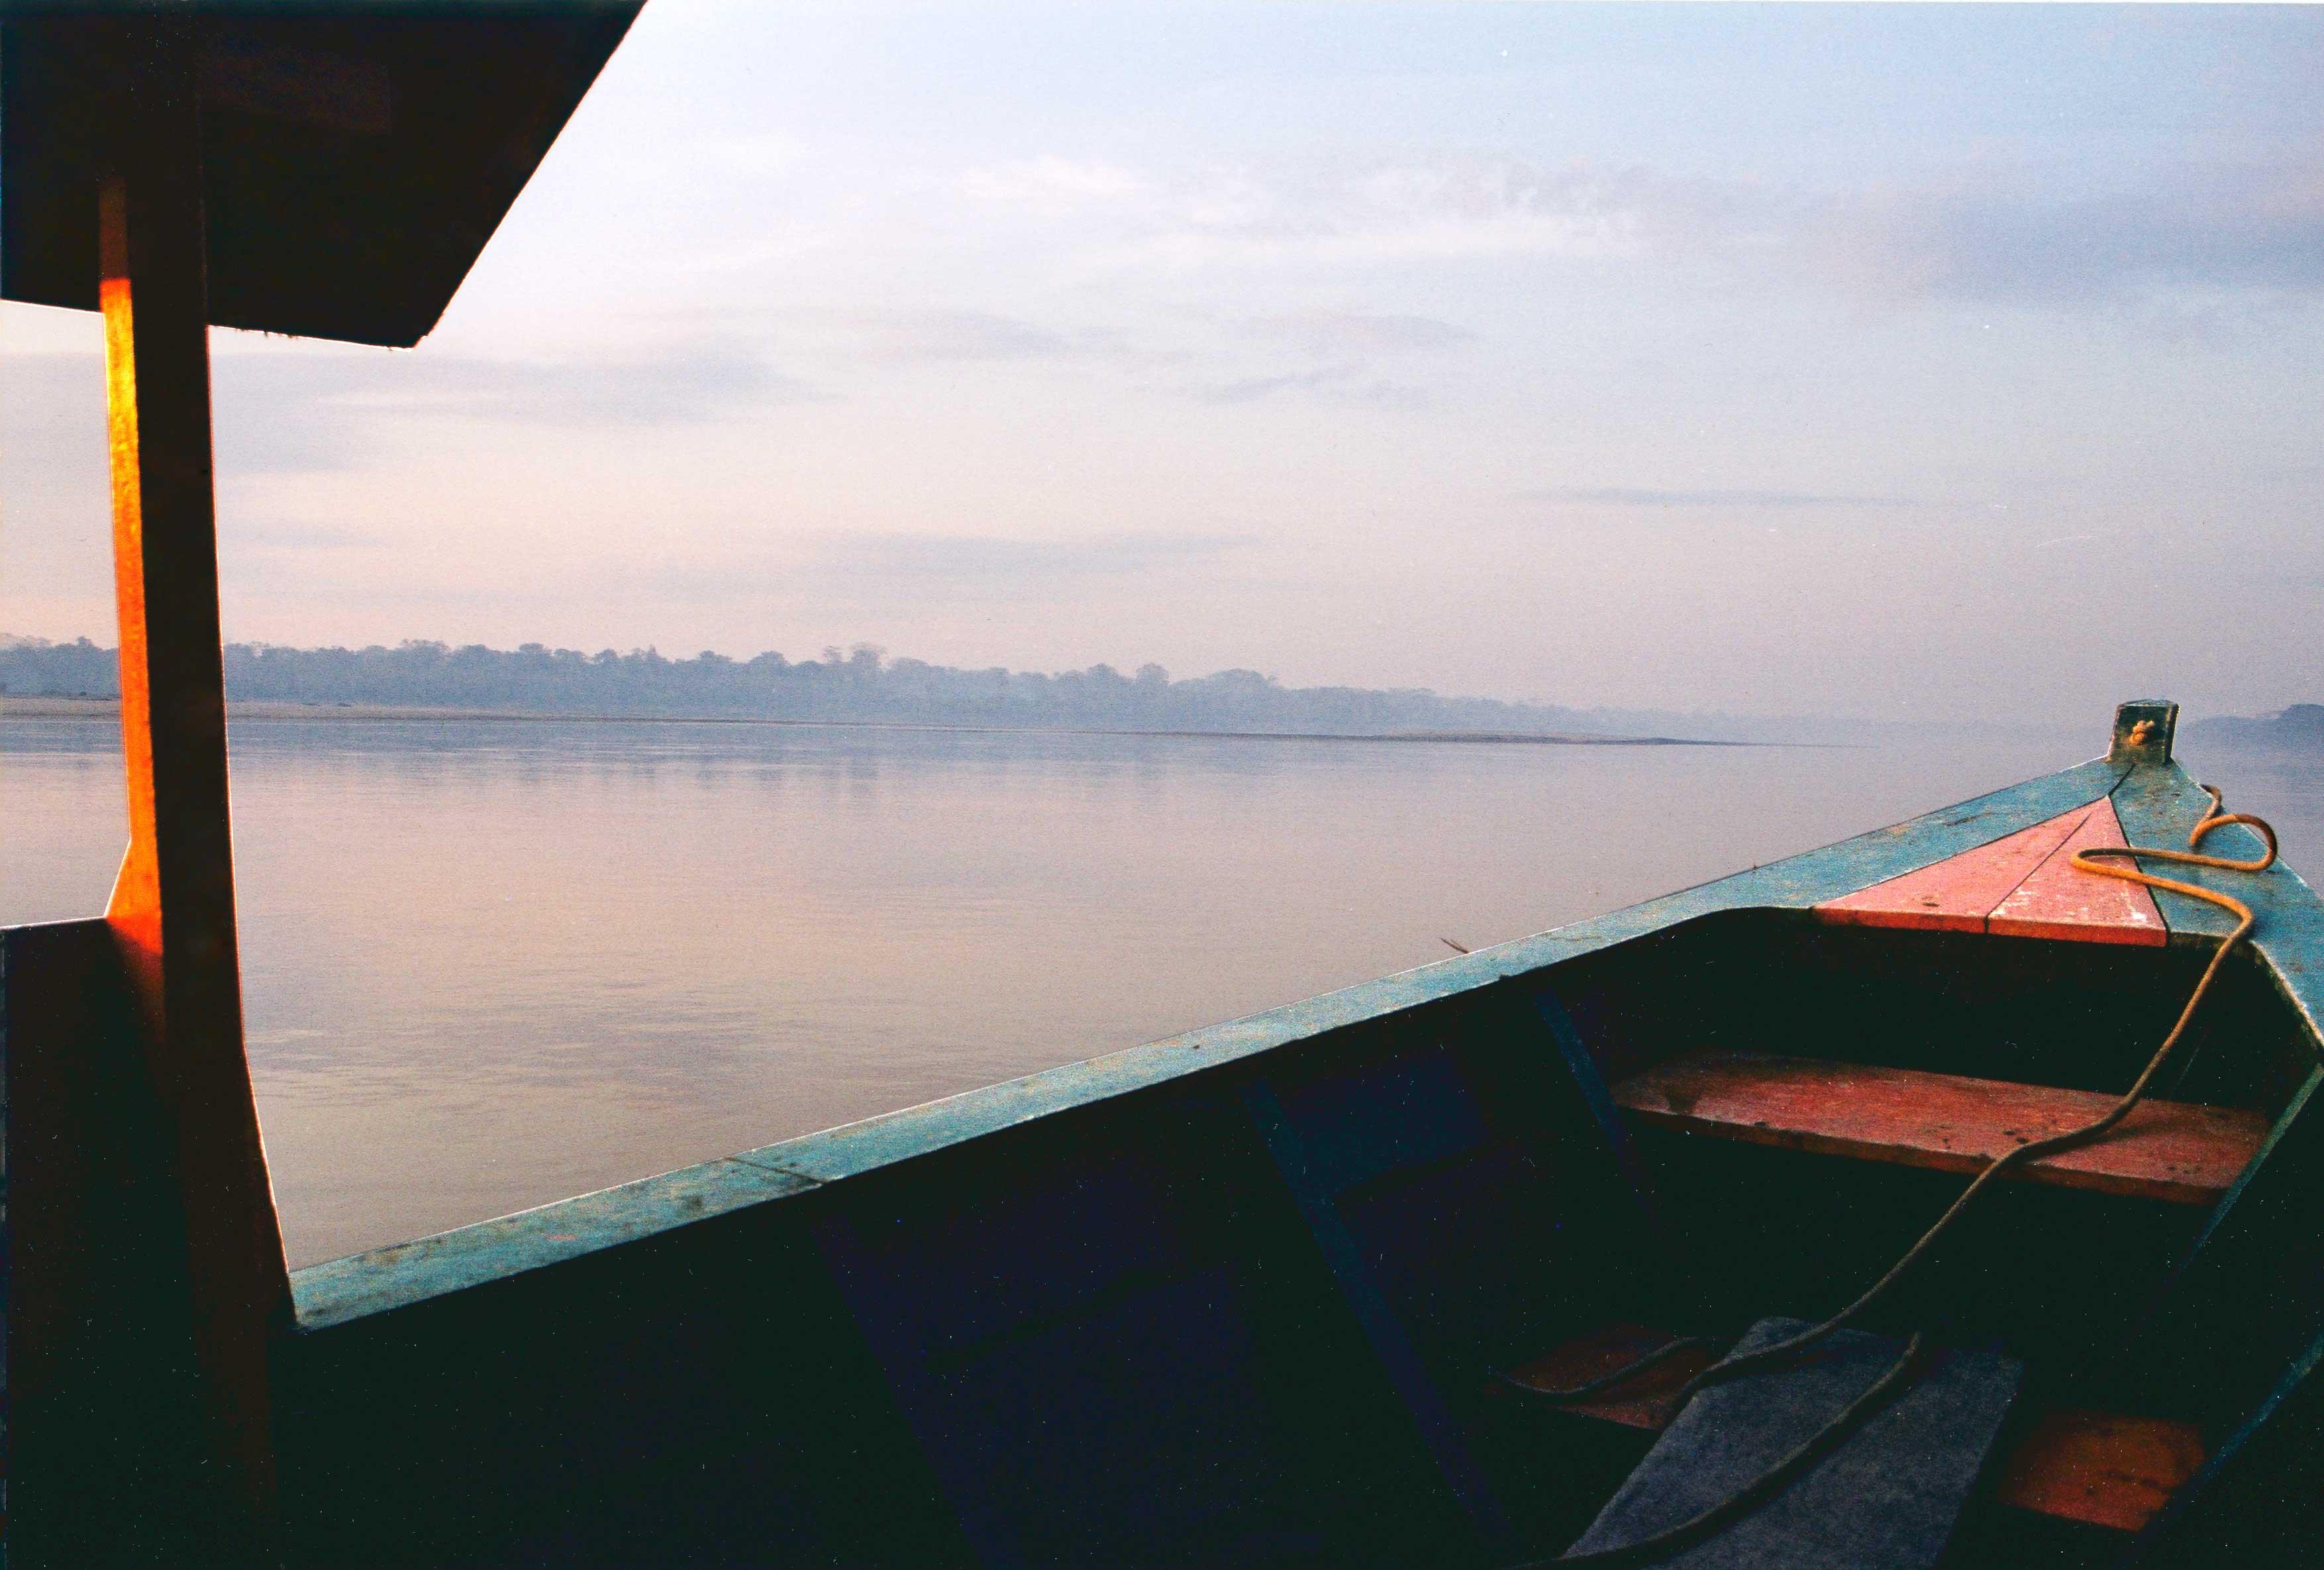 Río Madre de Dios, Amazon, Perú